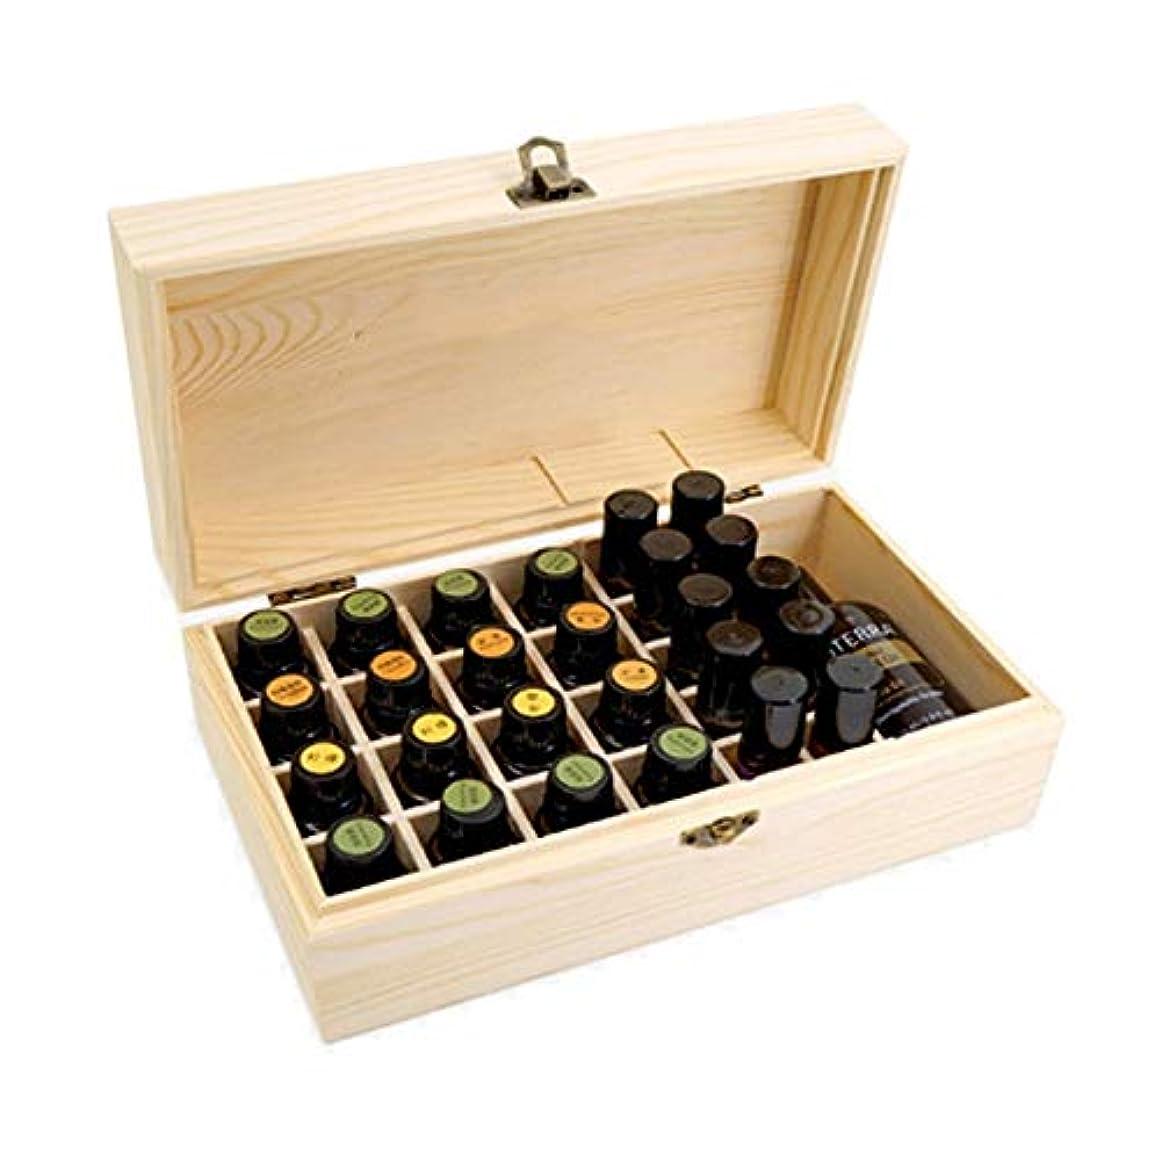 リーフレット待って昇るアロマセラピー収納ボックス 木材油オーガナイザー鮮明を運ぶ安全に保管及びディスプレイ18スロット エッセンシャルオイル収納ボックス (色 : Natural, サイズ : 25.5X14.8X9.9CM)